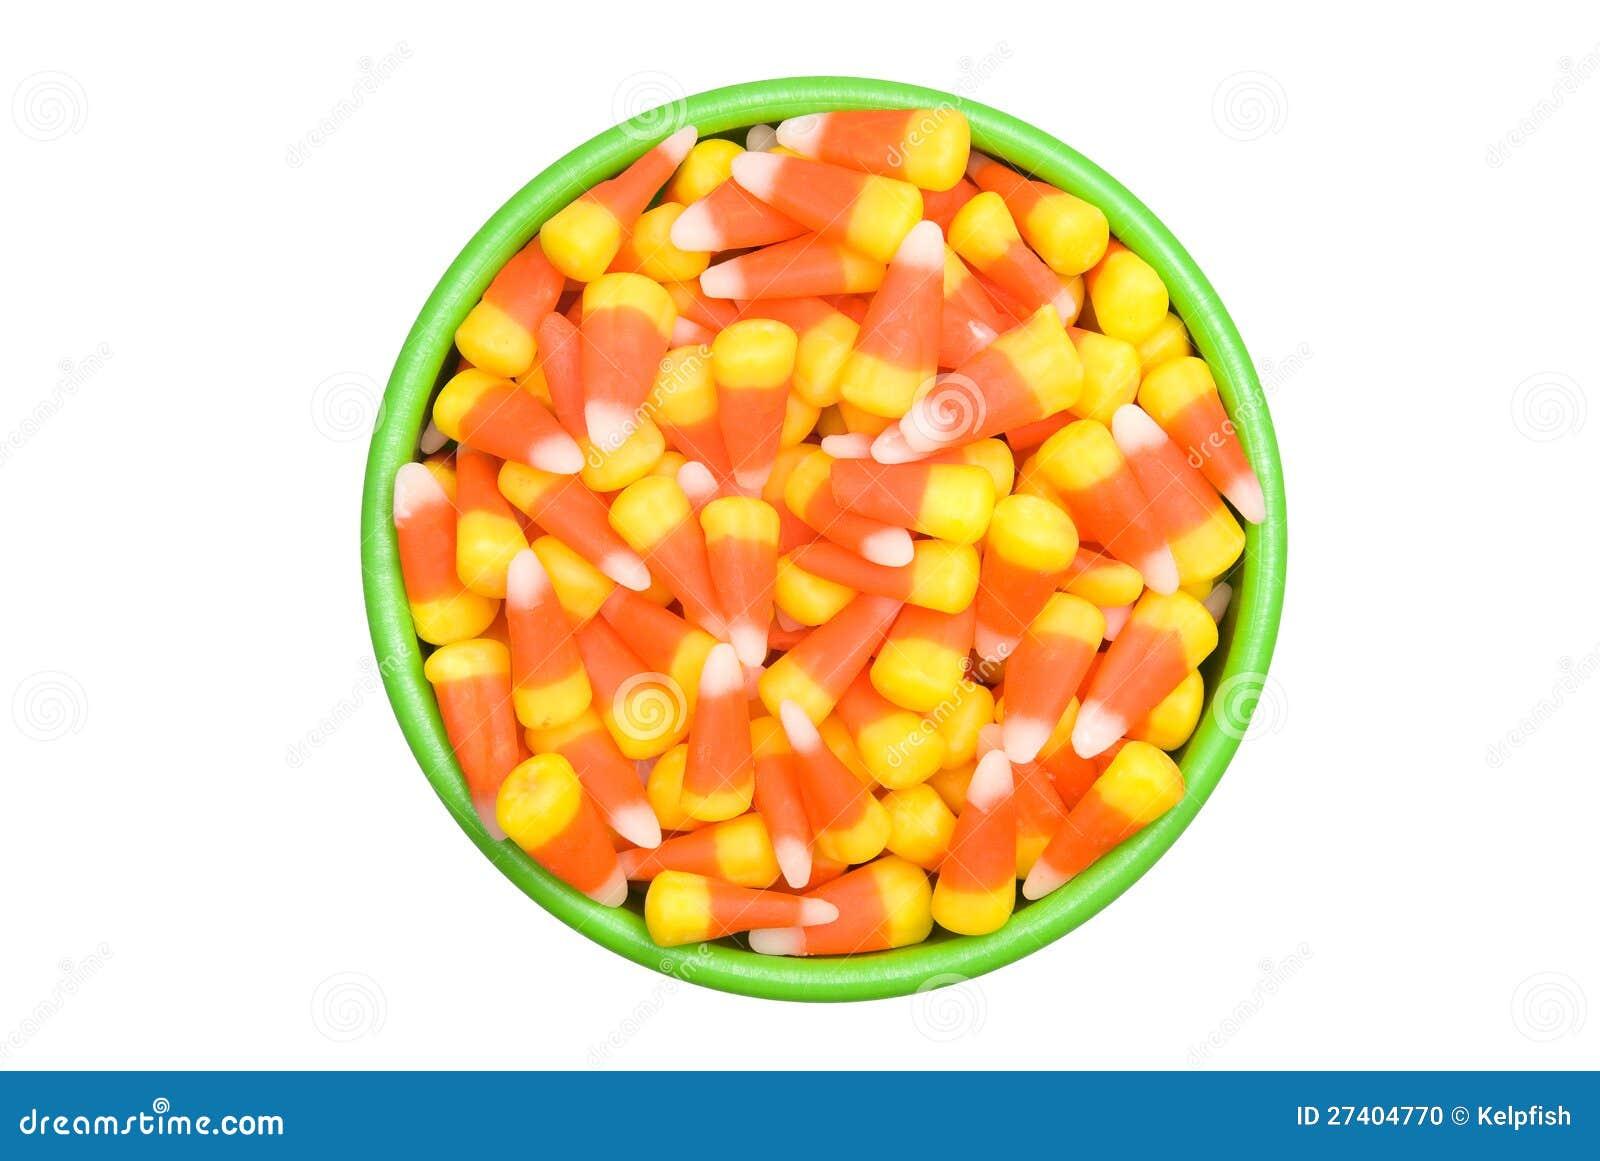 在碗的糖味玉米